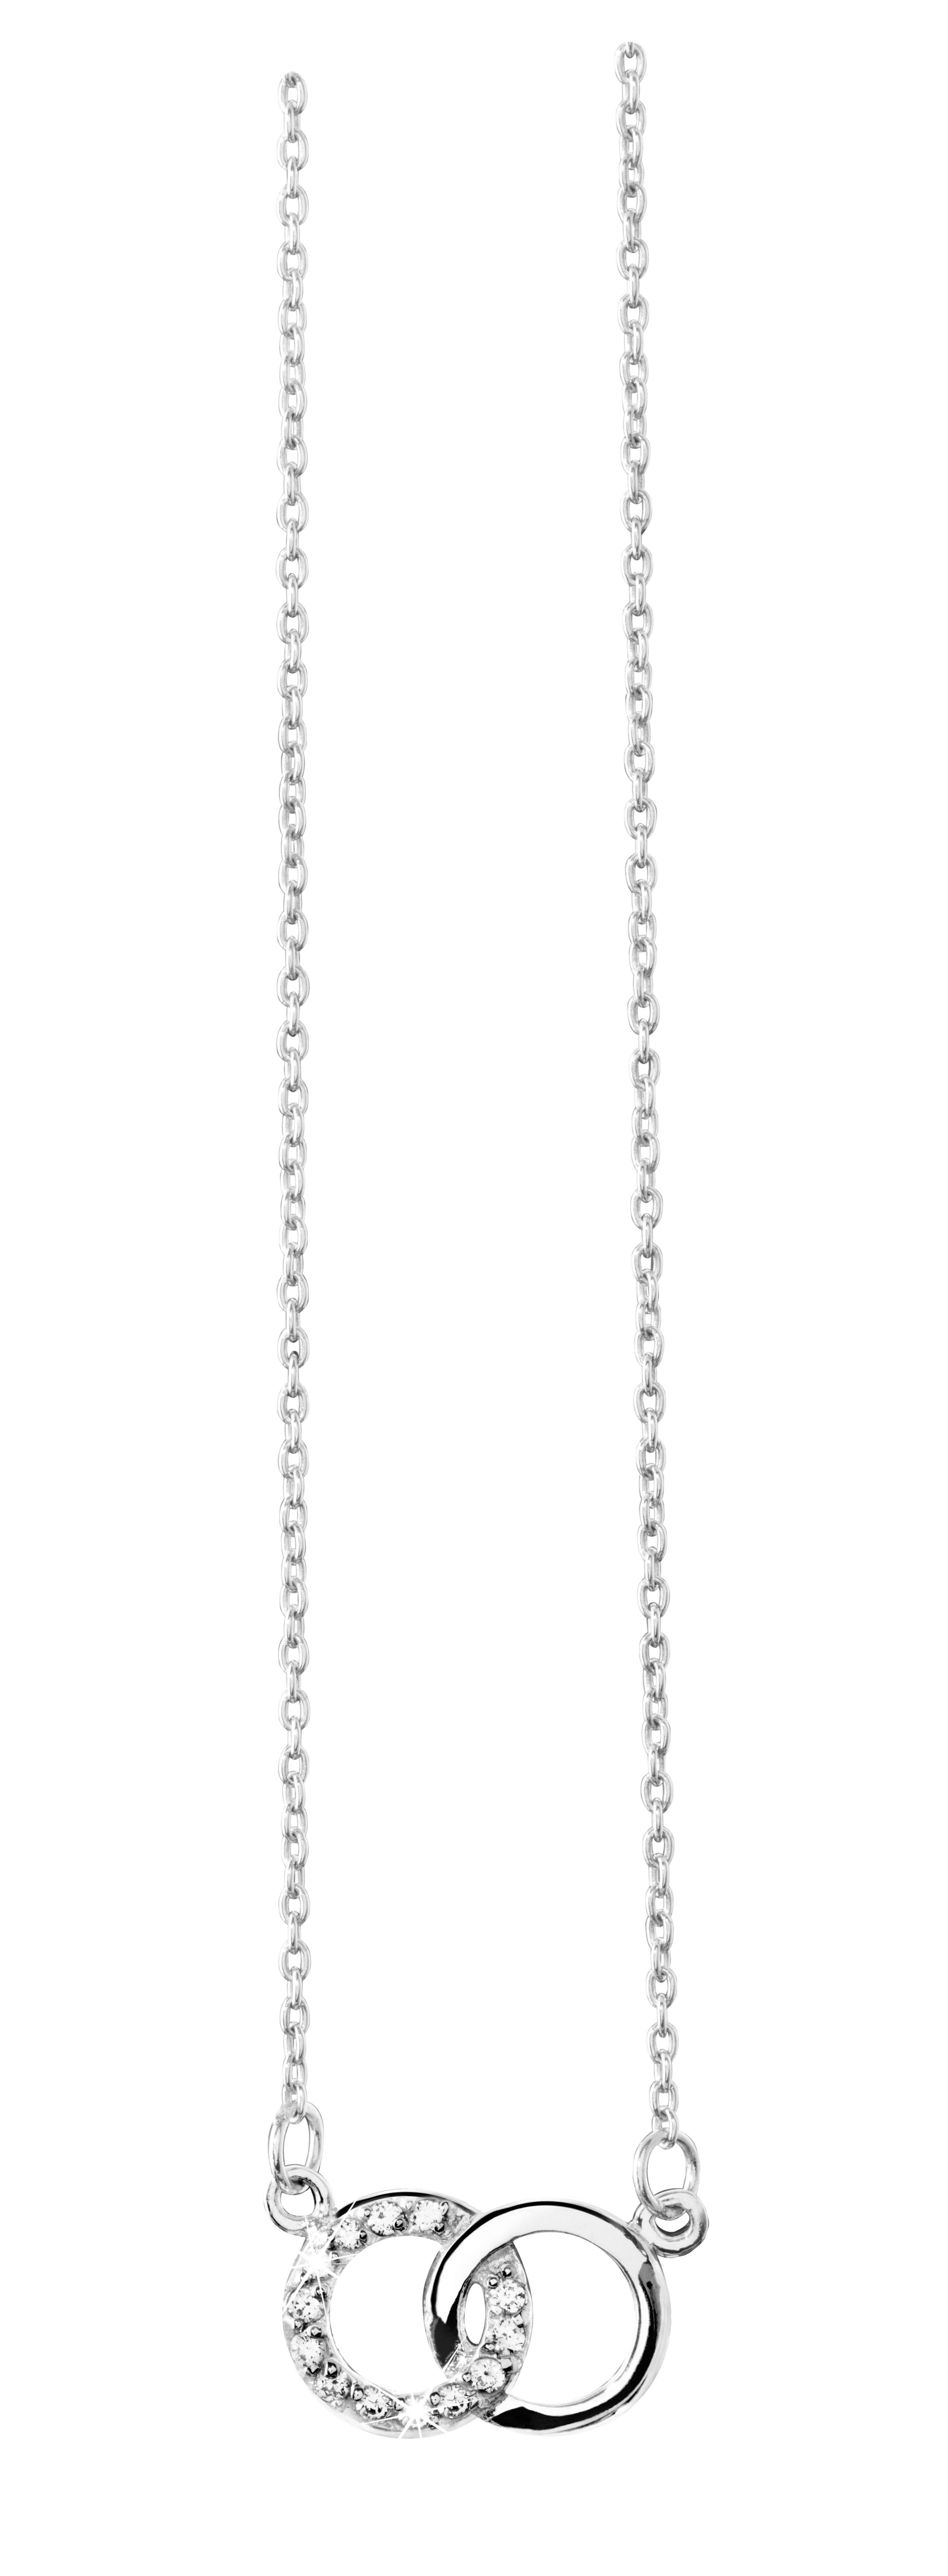 4a675bd9b8f84 Collier en argent massif avec oxydes de zirconium  collier  diamantor   bijoux  mode